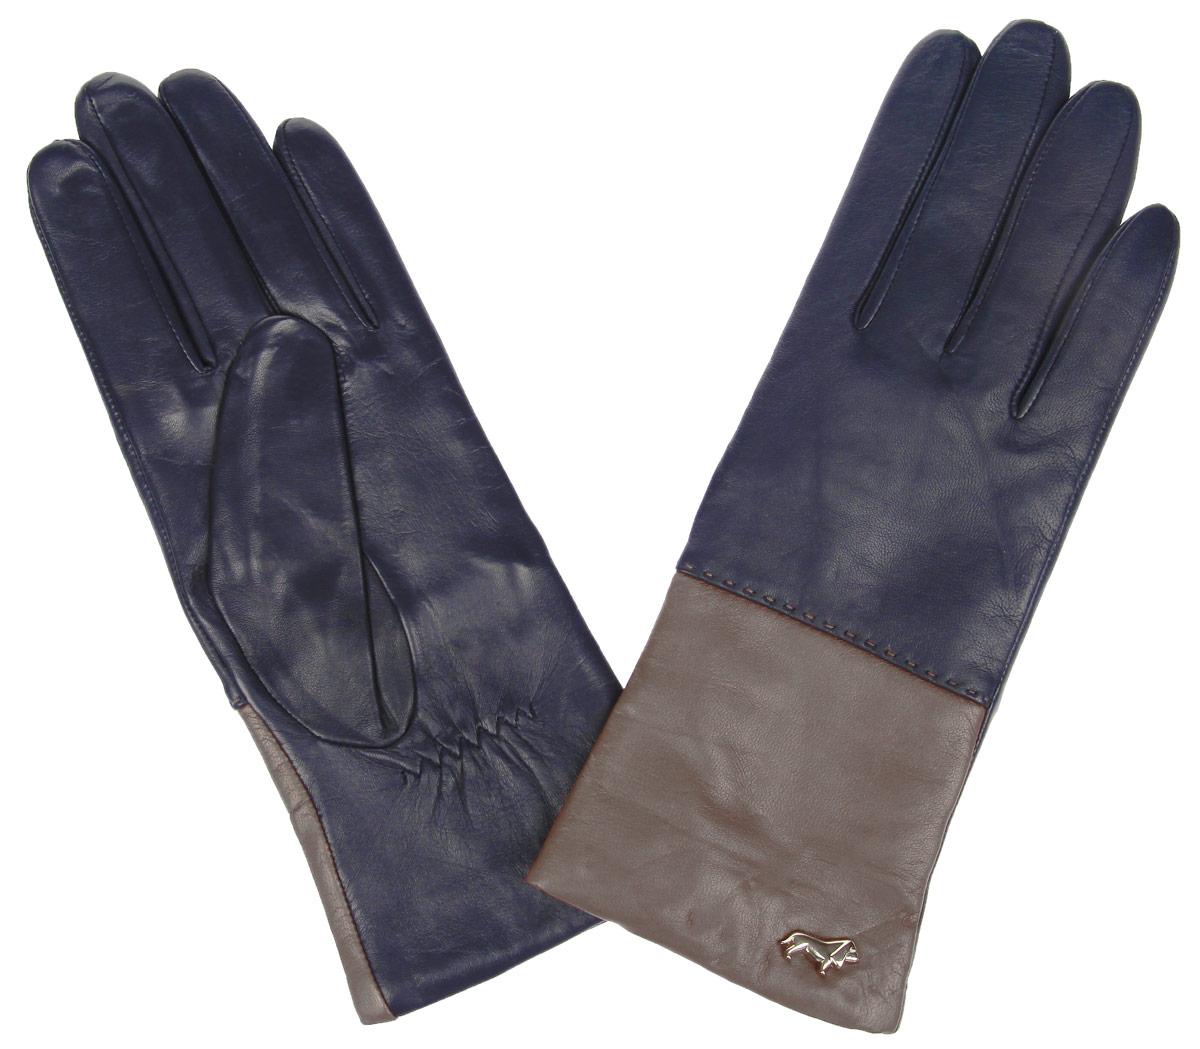 Перчатки женские Labbra, цвет: темно-синий, коричневый. LB-7777. Размер 7LB-7777Женские перчатки Labbra не только защитят ваши руки от холода, но и станут стильным украшением. Перчатки выполнены из натуральной кожи ягненка. Они мягкие, максимально сохраняют тепло, идеально сидят на руке. Подкладка изделия изготовлена из шерсти с добавлением акрила.Лицевая сторона изделия дополнена декоративным элементом в виде логотипа бренда. На запястье модель присборена на небольшие эластичные резинки.Перчатки станут завершающим элементом вашего неповторимого стиля и подчеркнут вашу индивидуальность.